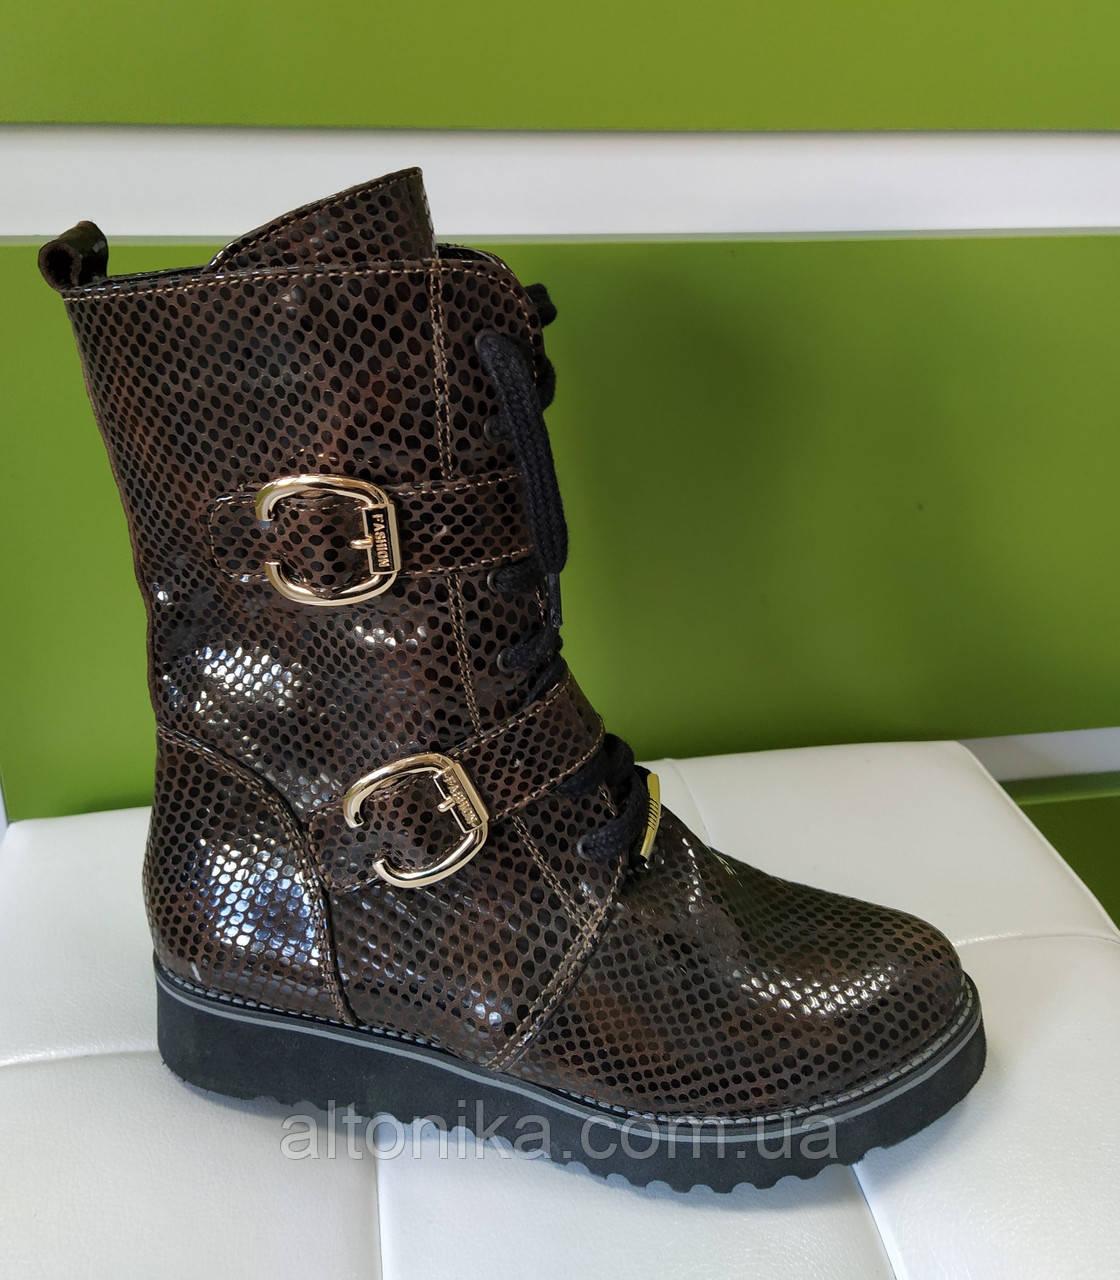 STTOPA деми зима. Размеры 33-35. Ботинки кожаные маленьких размеров! С9-8-3335-3-3345 Коричневые